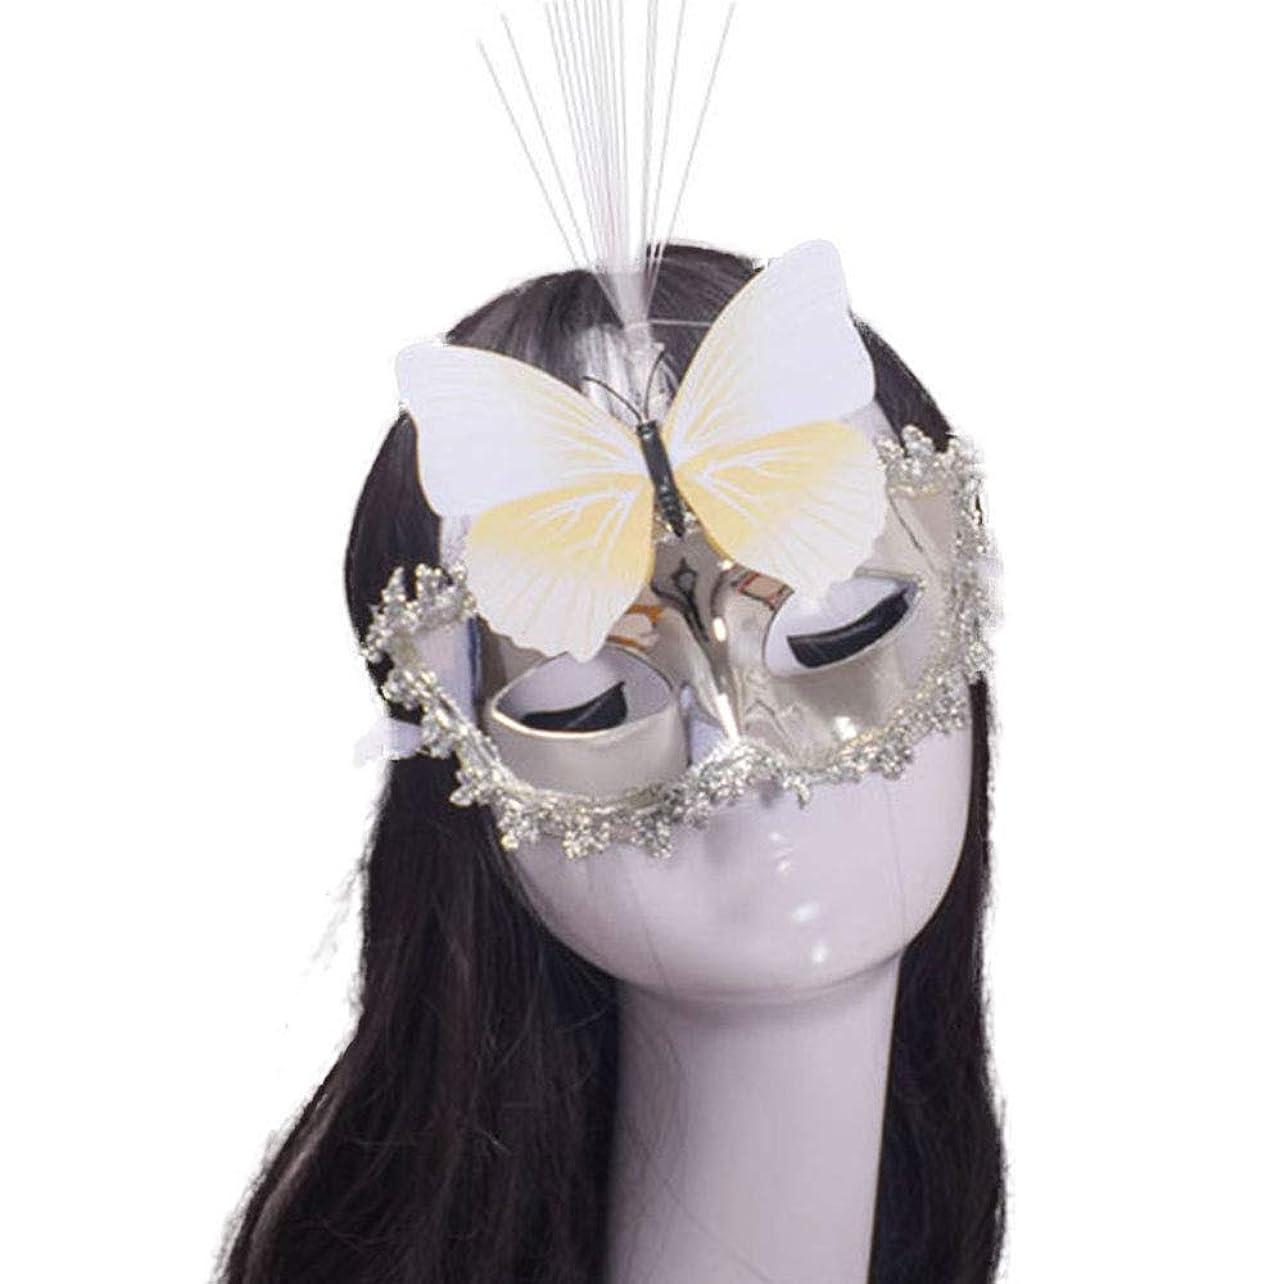 危険な省略するバルコニーAuntwhale ハロウィーンマスク大人恐怖コスチューム、蝶ファンシー仮装パーティーハロウィンマスク、フェスティバル通気性ギフトヘッドマスク - ホワイト